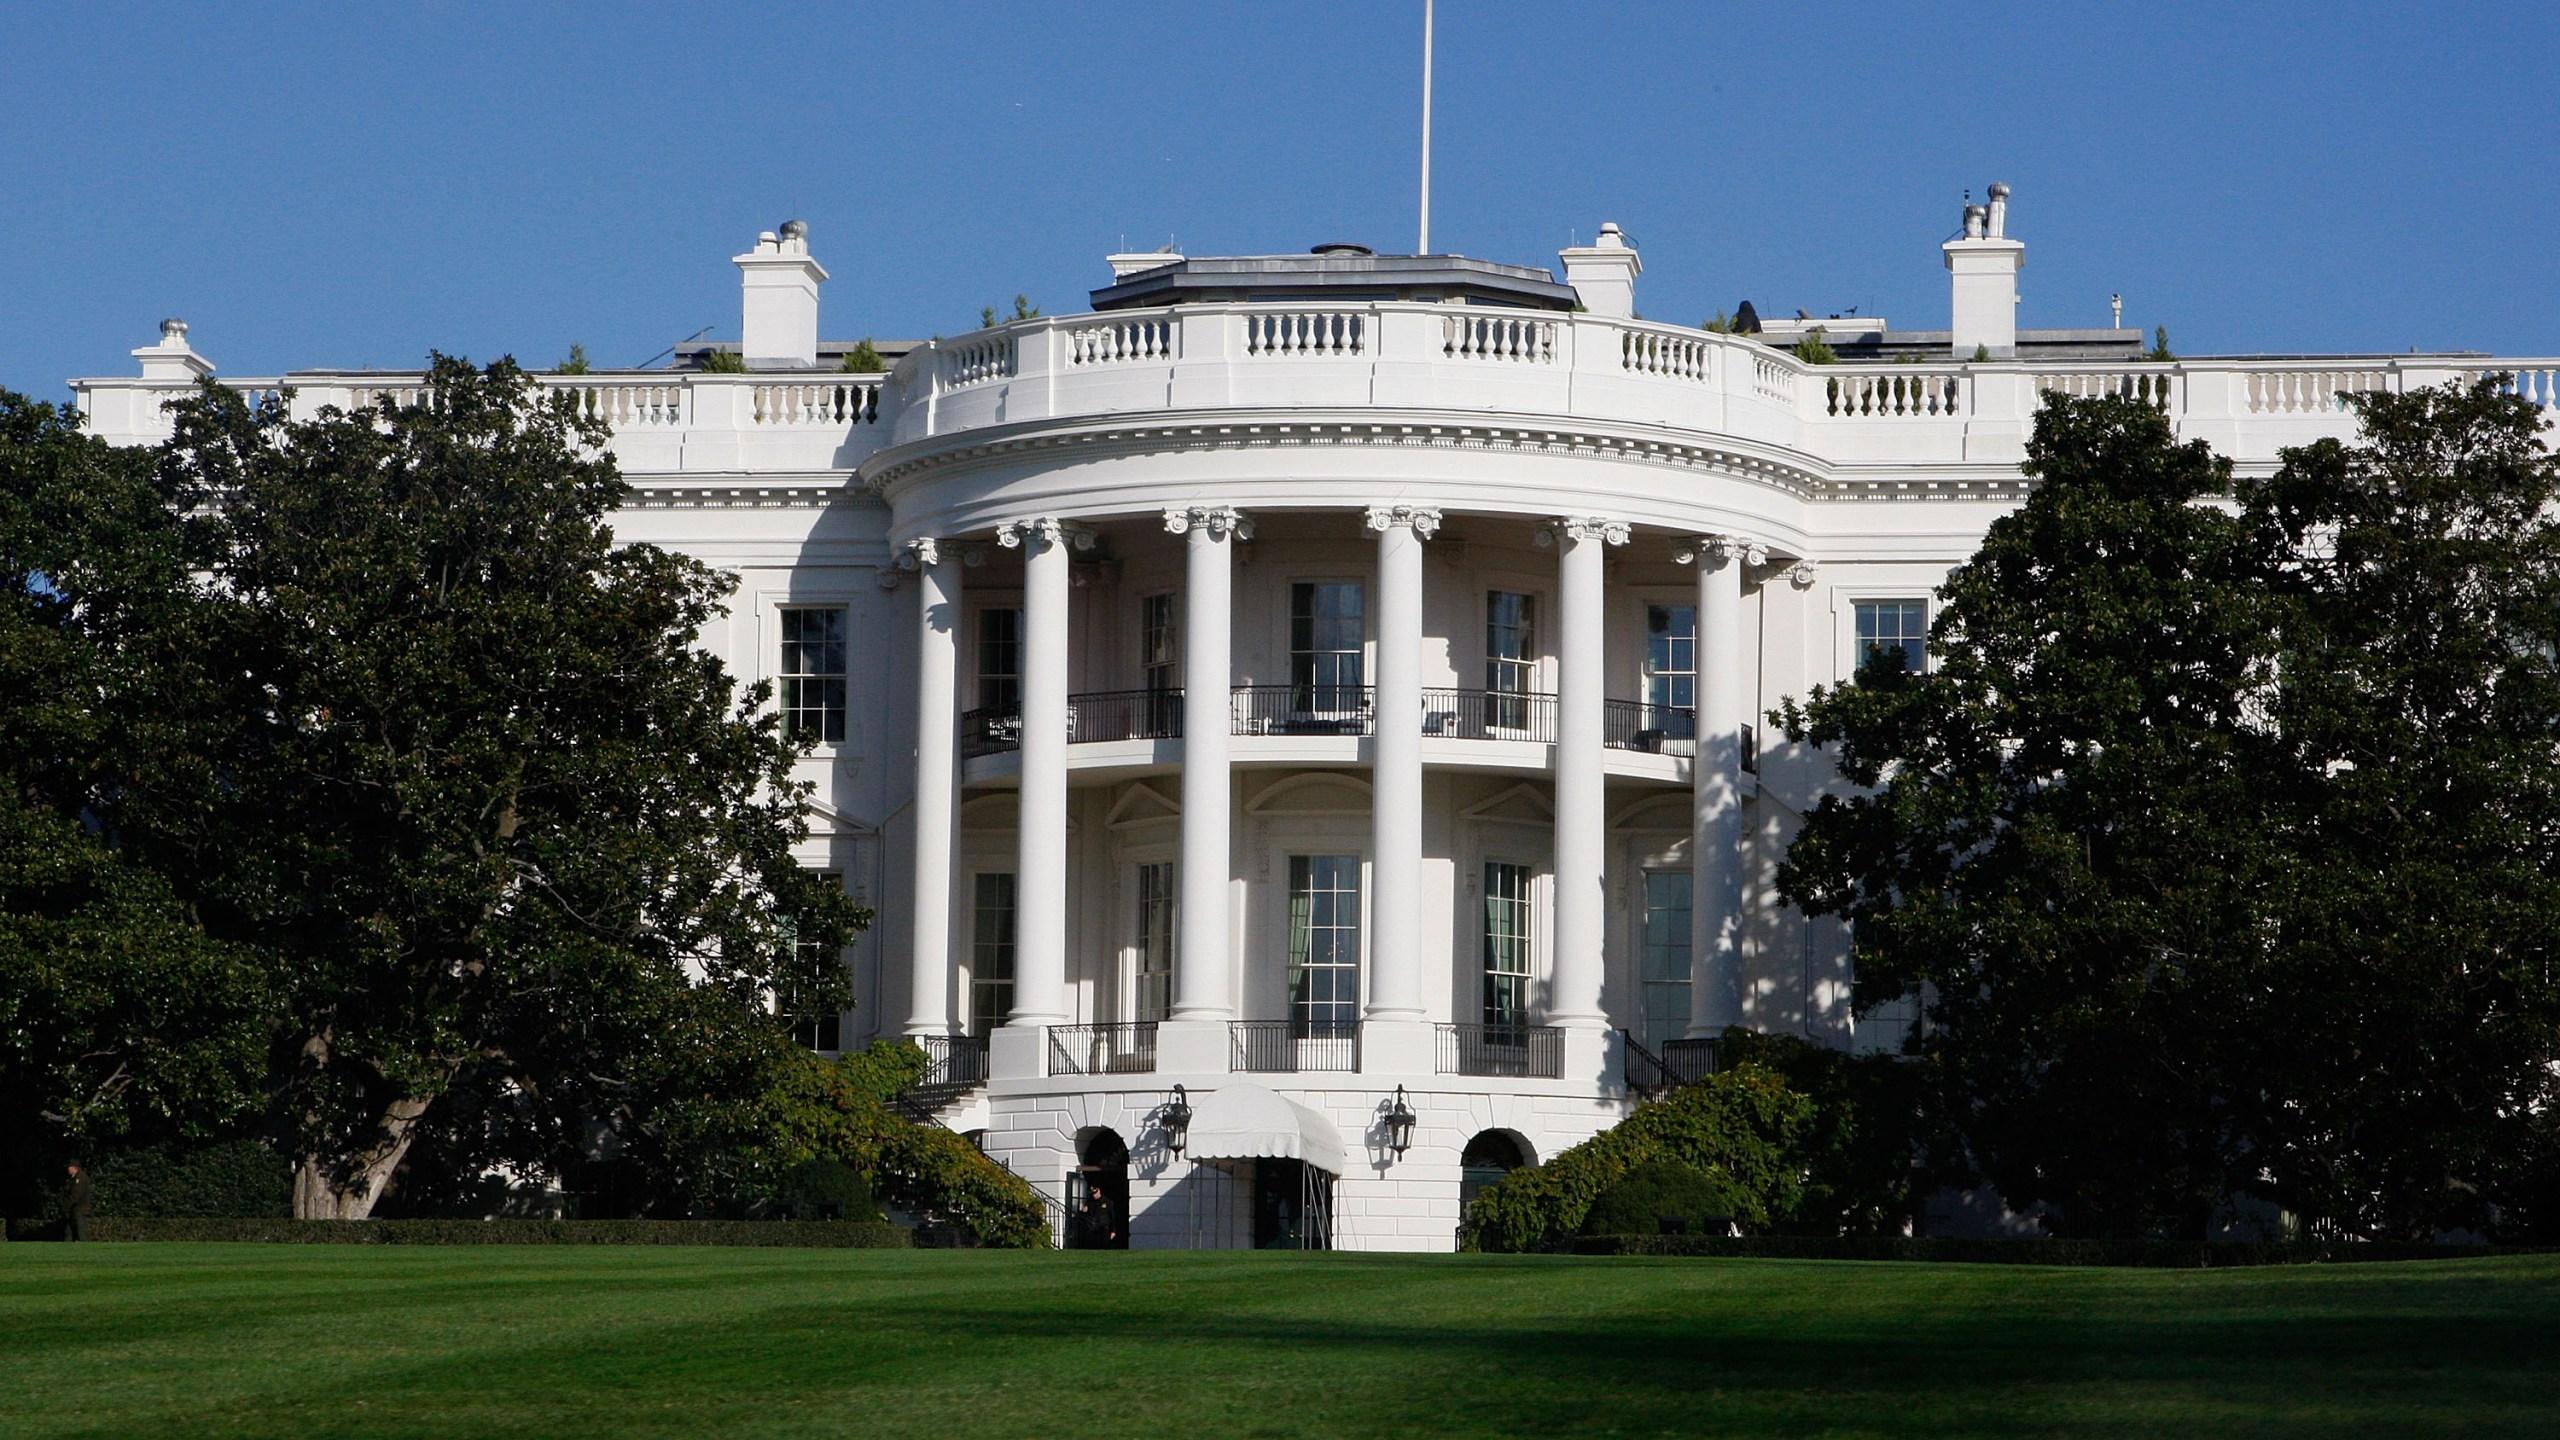 White House_460089